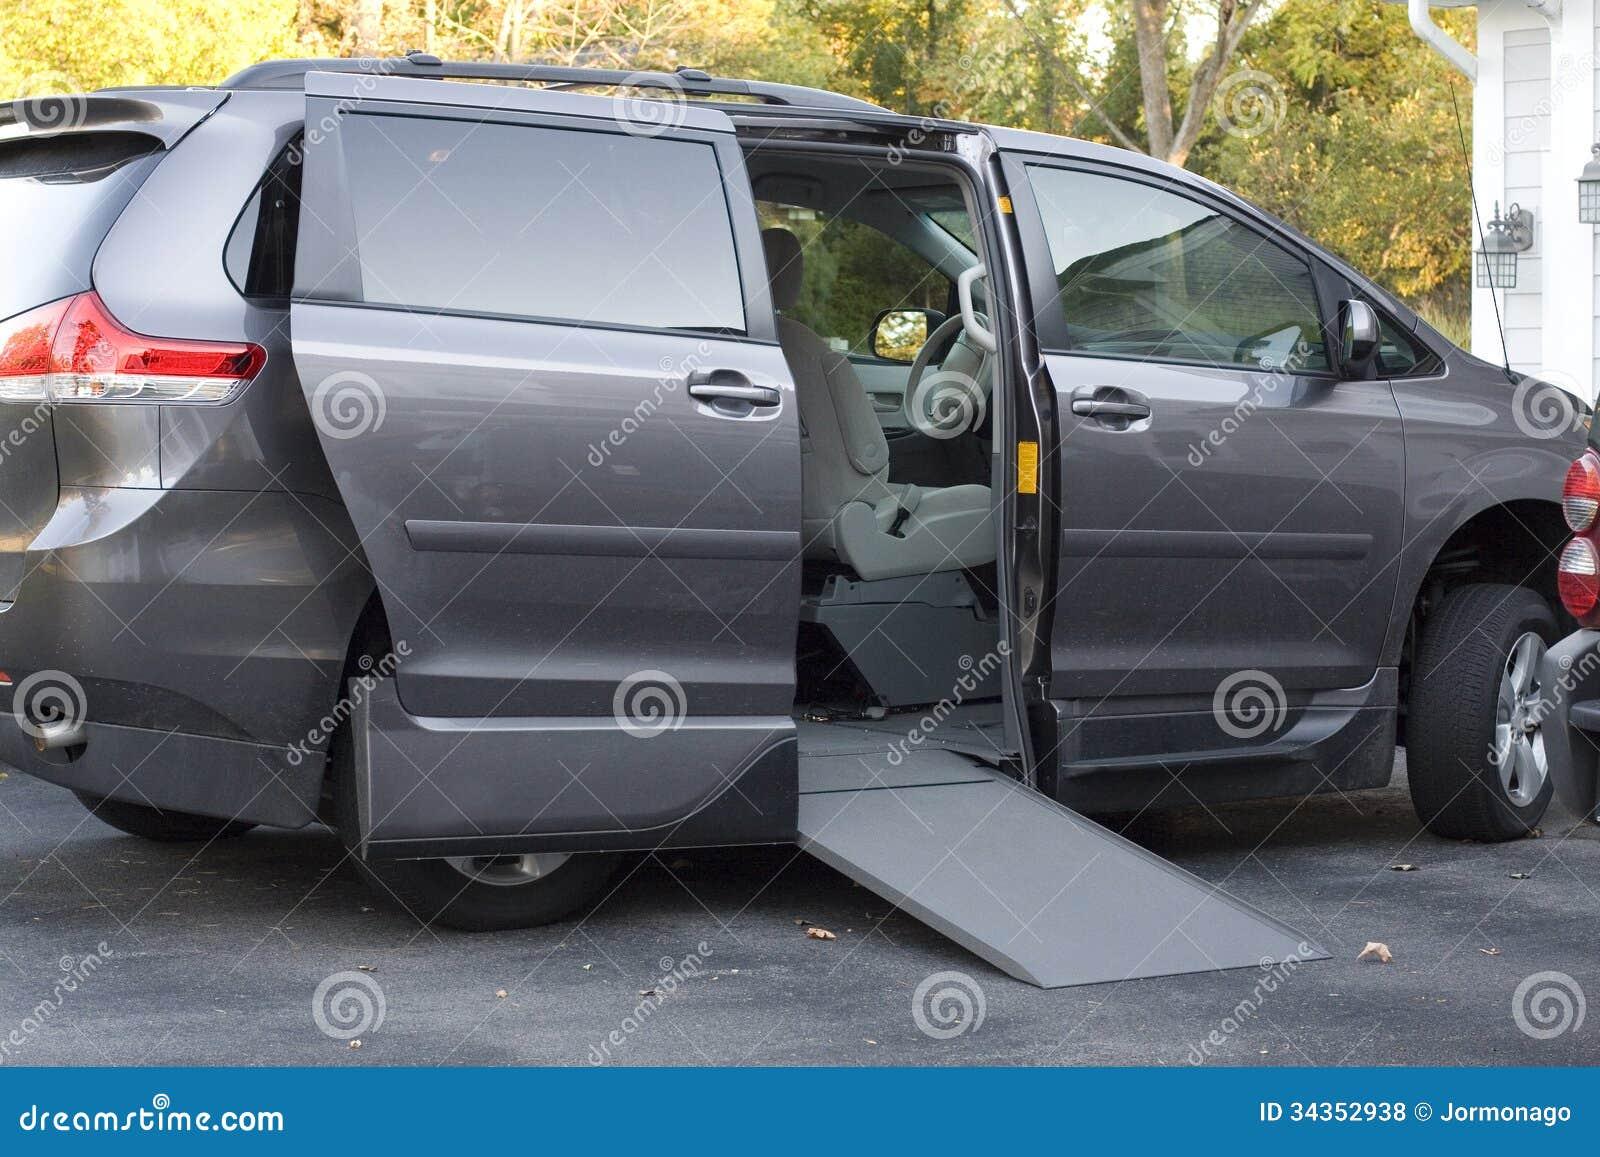 Handikap Van mit Rampe